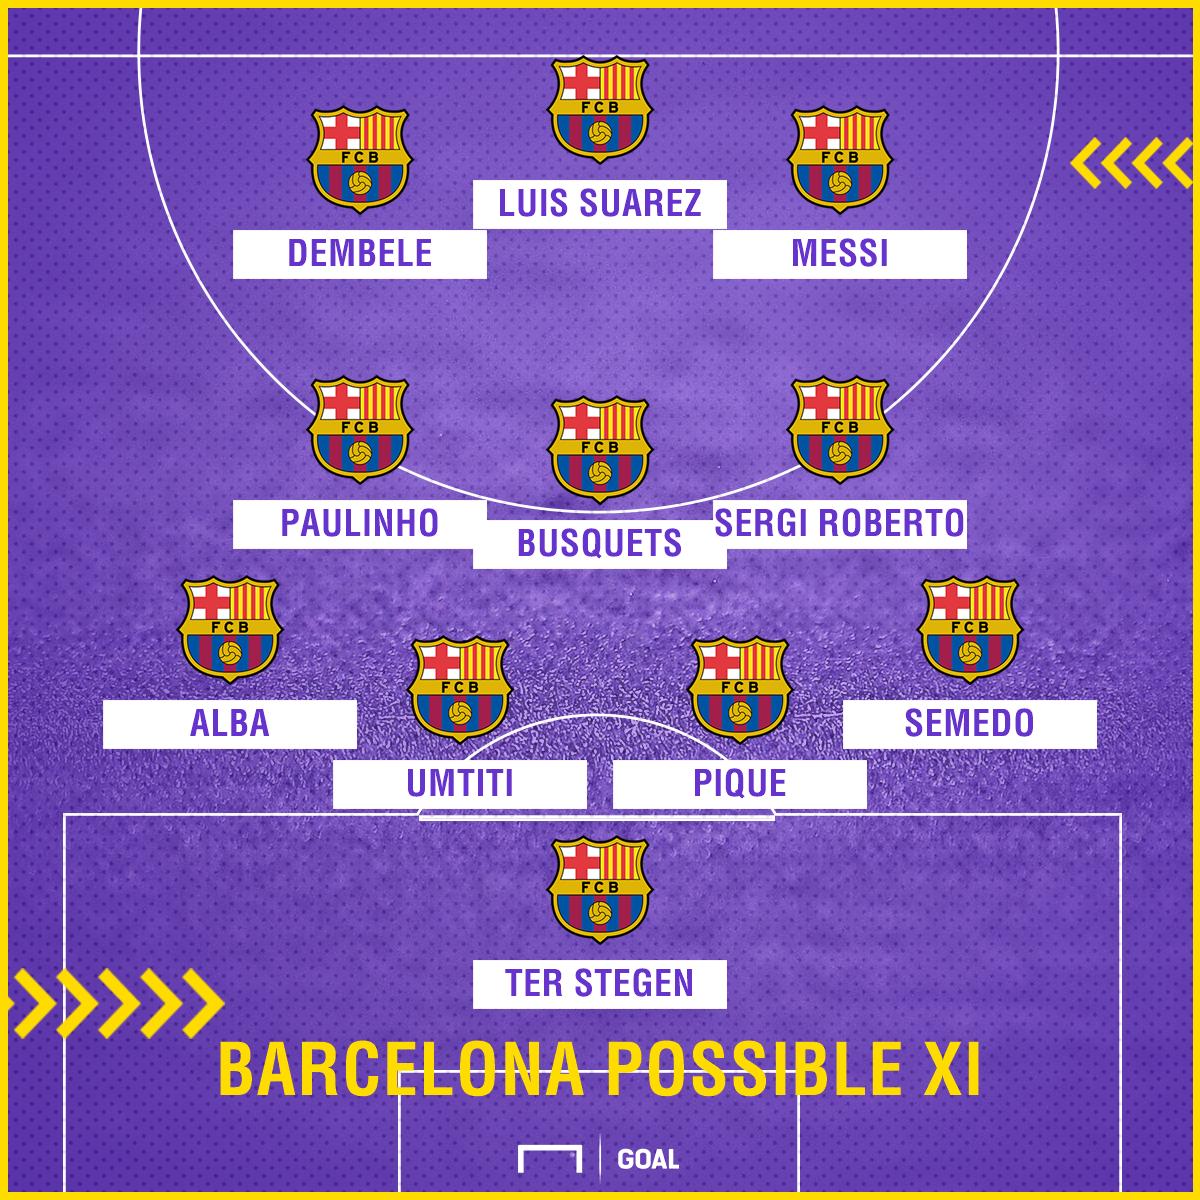 Barcelona possible Espanyol